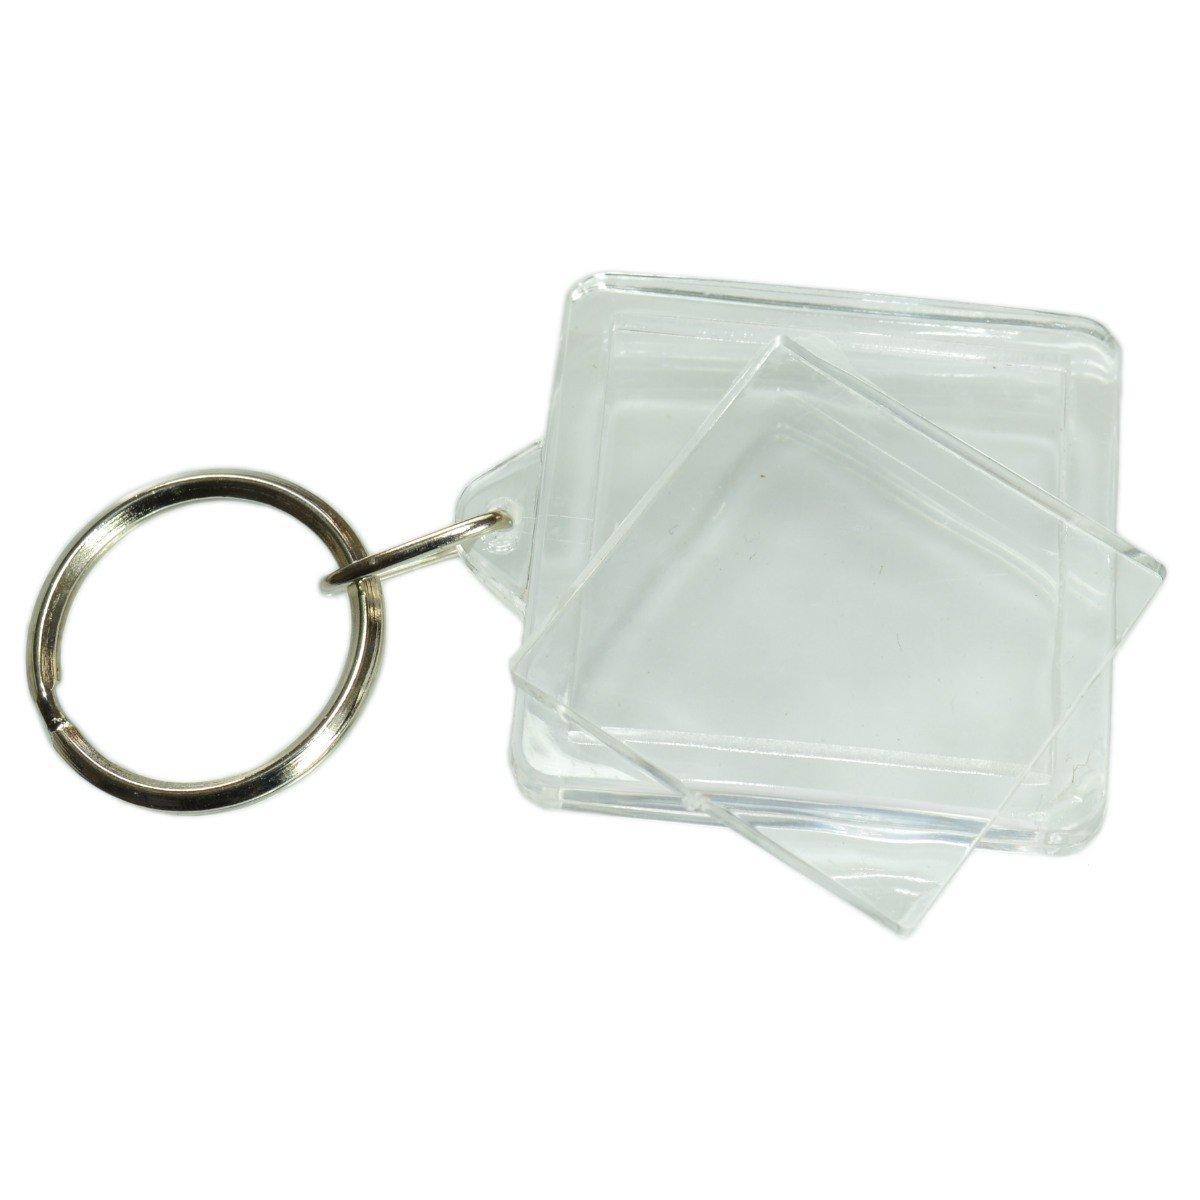 Bien connu Porte clé à fabriquer soi-même, porte clef photo plastique  LG76